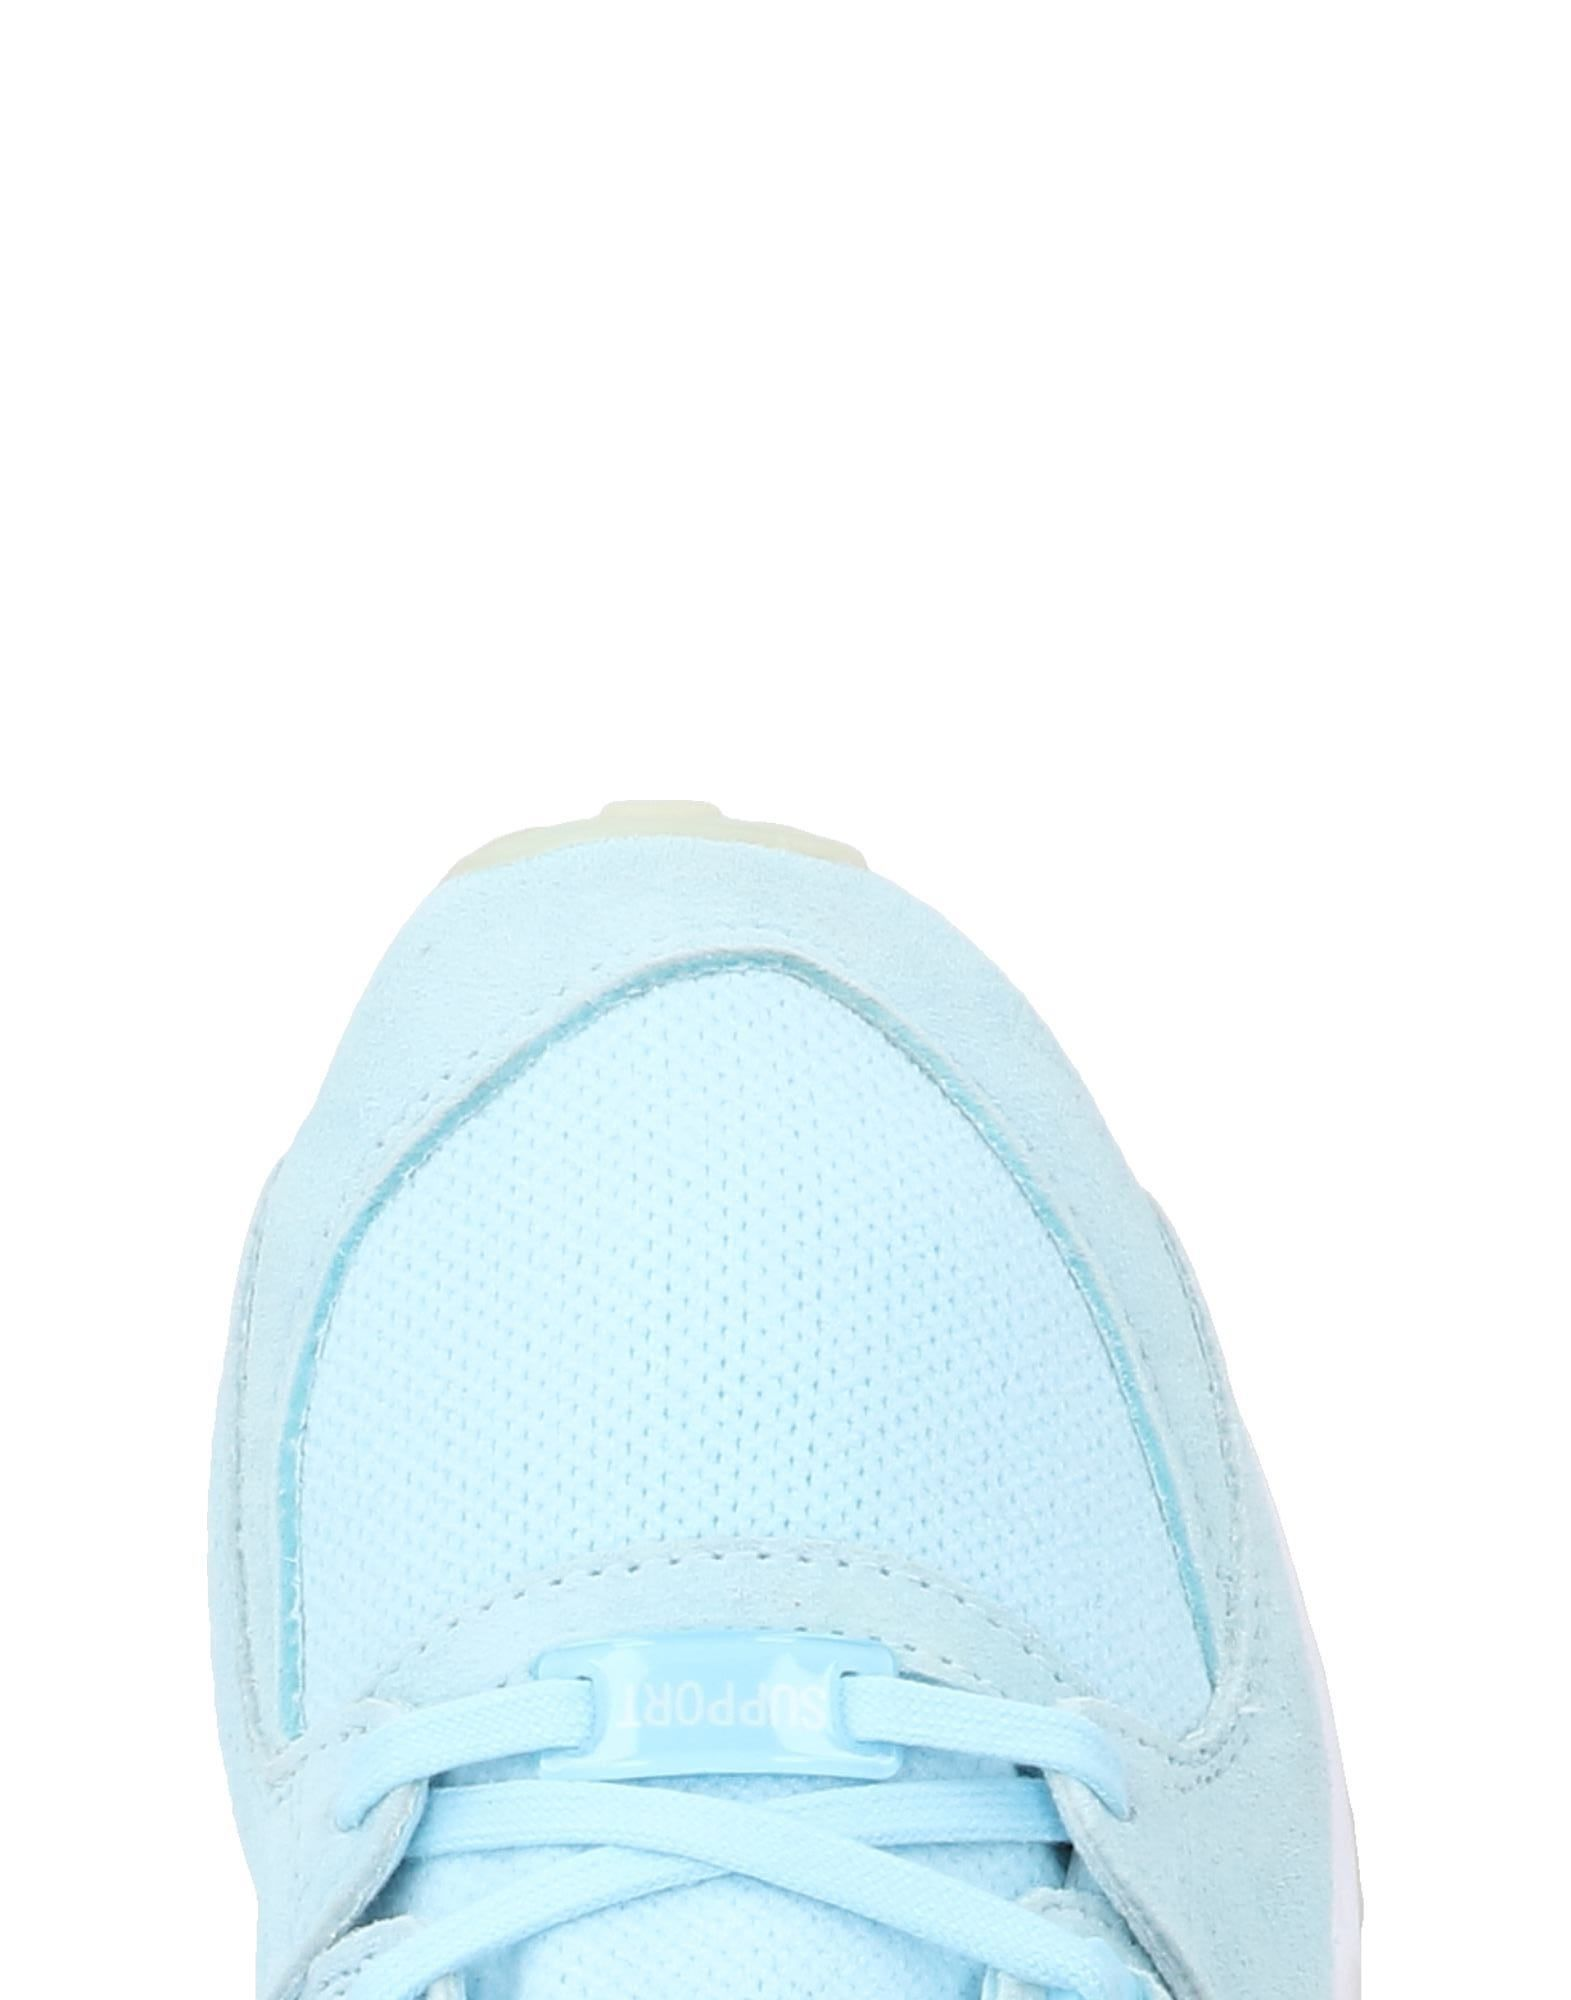 Adidas Originals Sneakers Damen beliebte  11488487DG Gute Qualität beliebte Damen Schuhe 7a4009